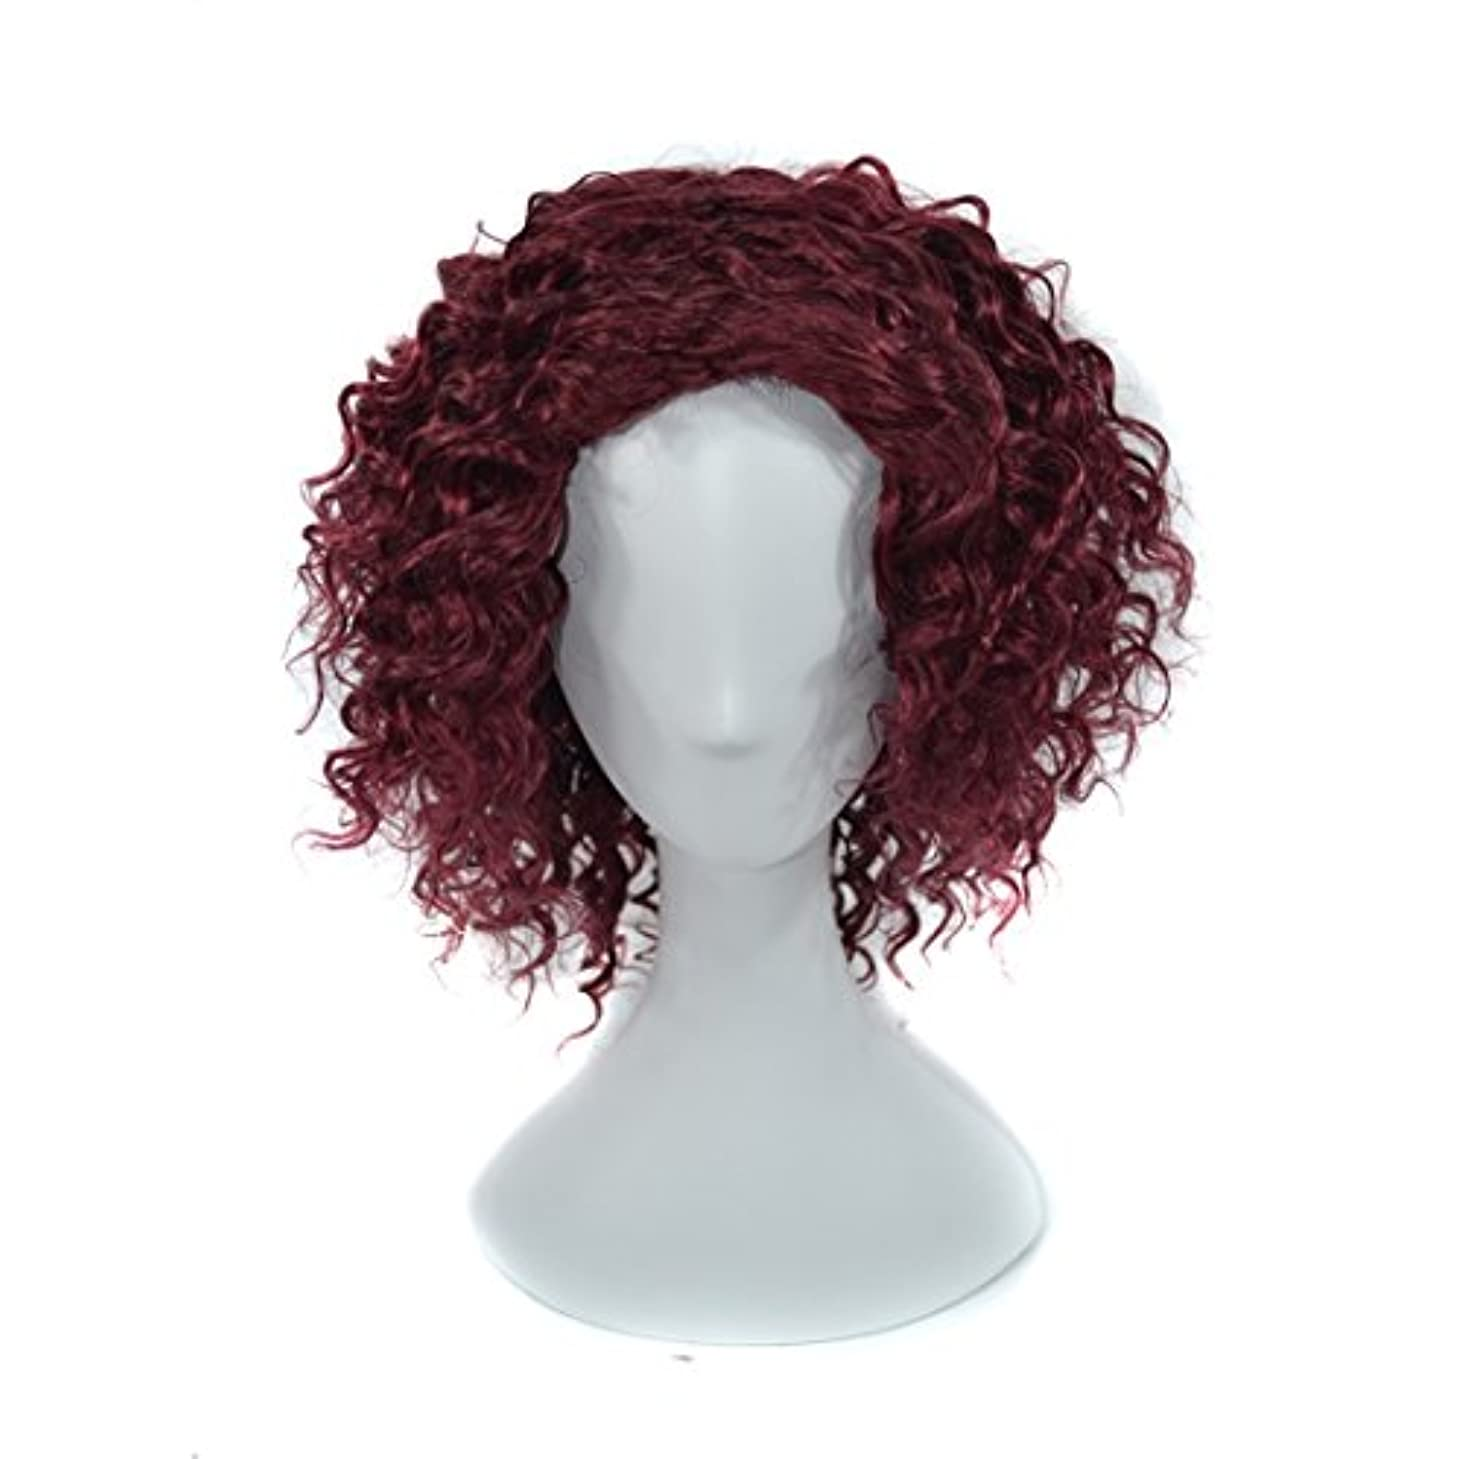 重々しい若者害YOUQIU 女性の赤ワイン用16インチヒト小カーリーヘアは220グラムかつら合成デイリーウィッグ傾斜前髪で染色カーリーウィッグことはできません (色 : Red wine)